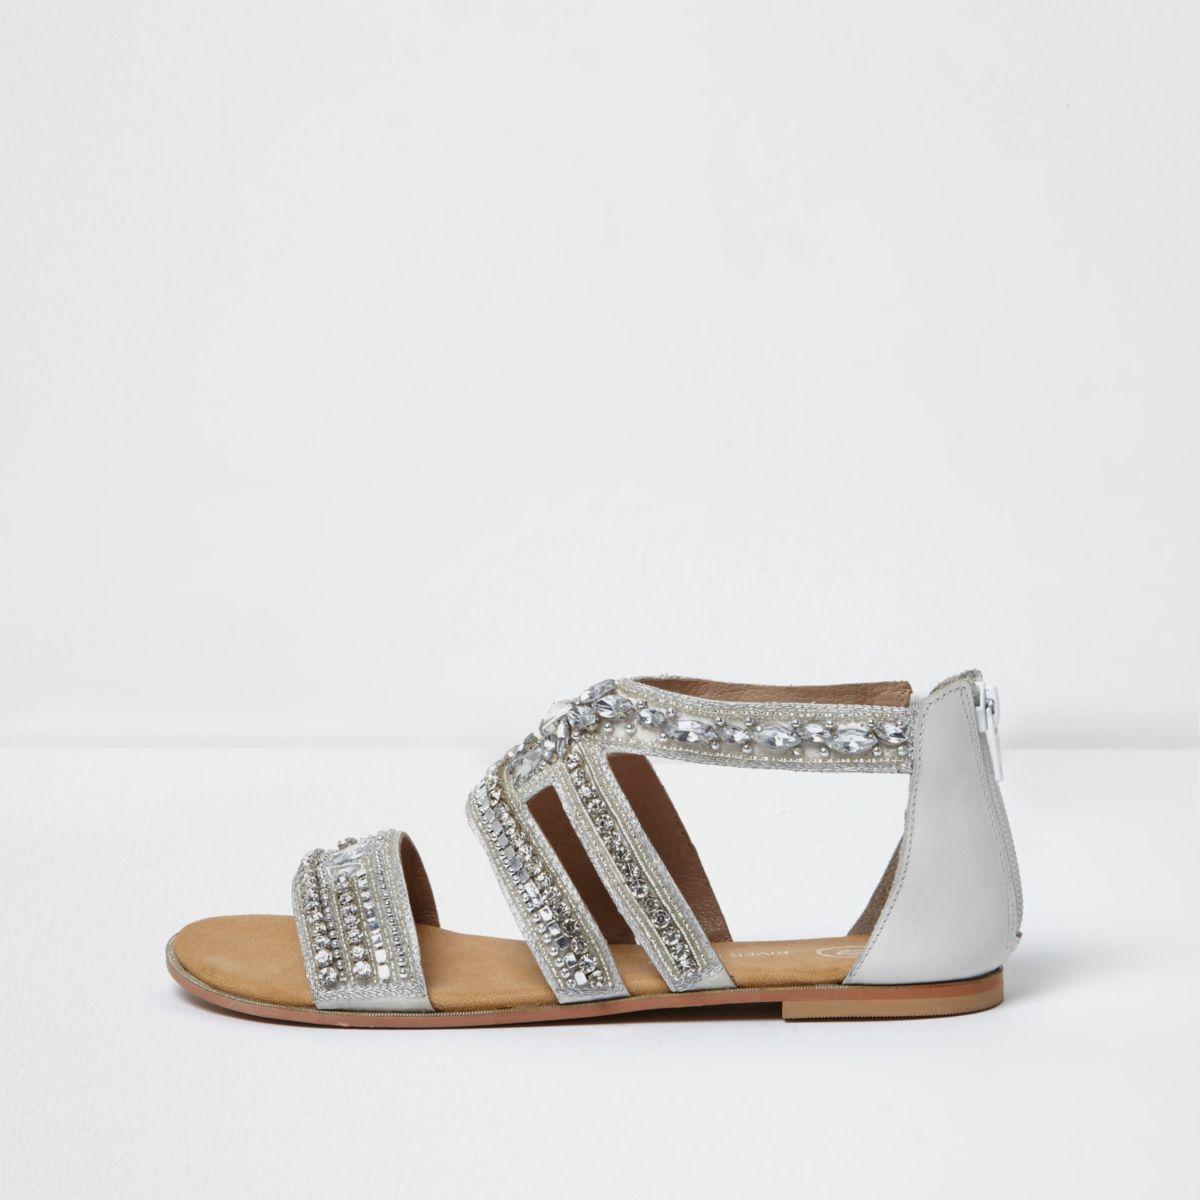 Silver embellished sandals